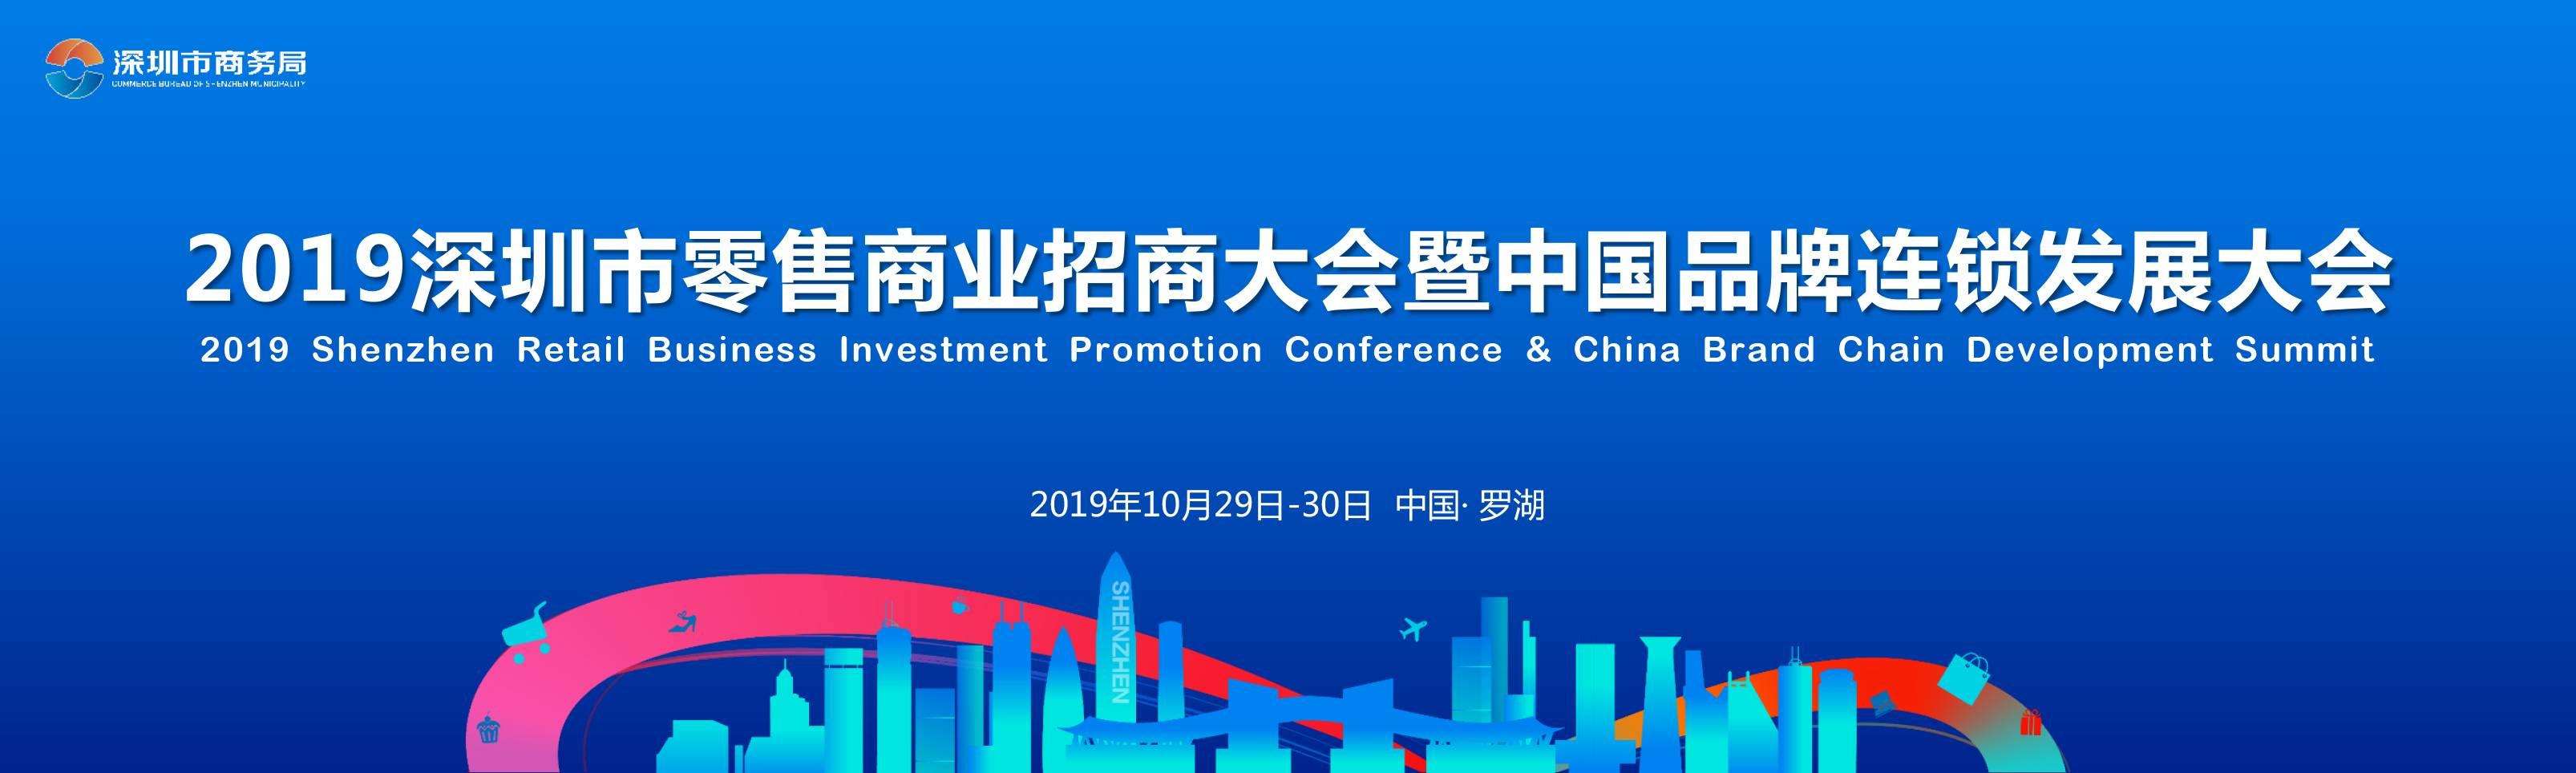 第八届中国品牌连锁发展大会